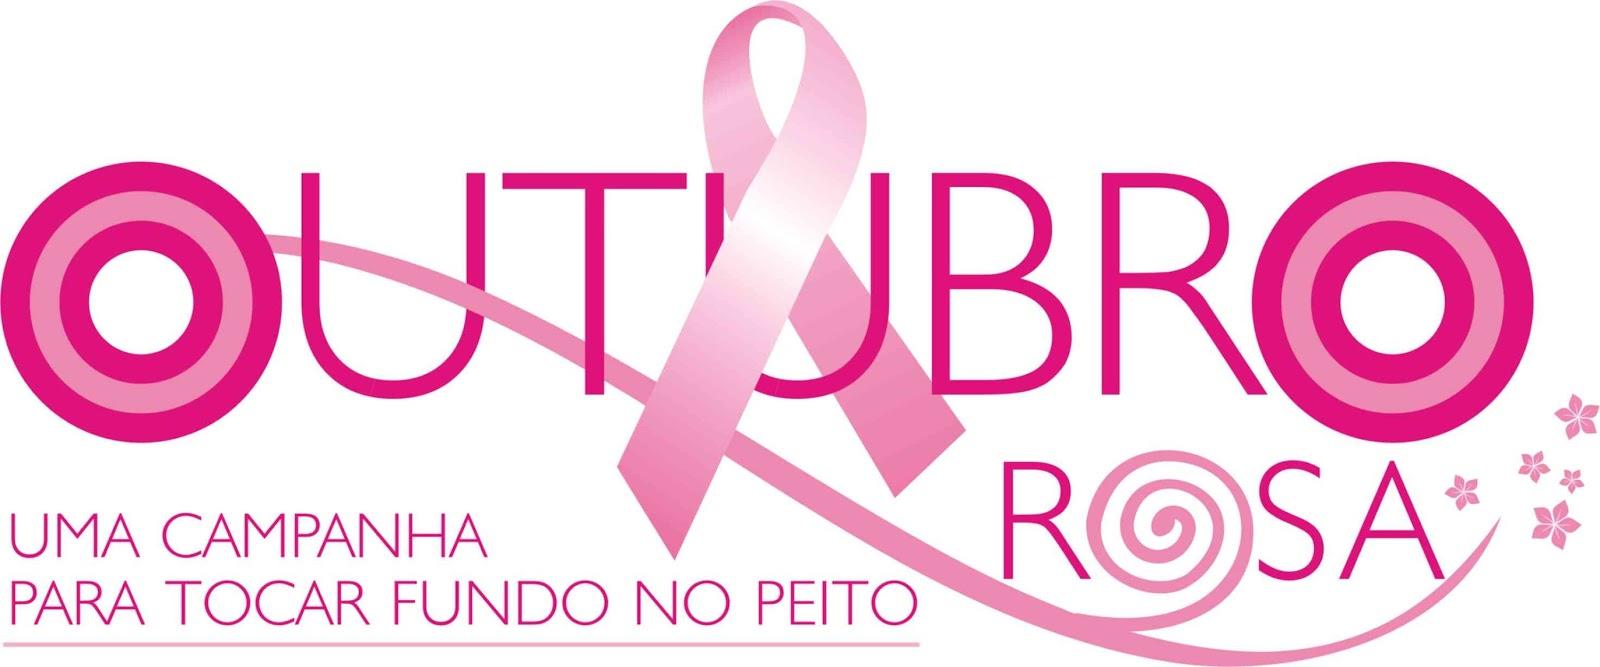 Populares Blog da Renata Princess : Outubro Rosa ♥ Unhas RR62